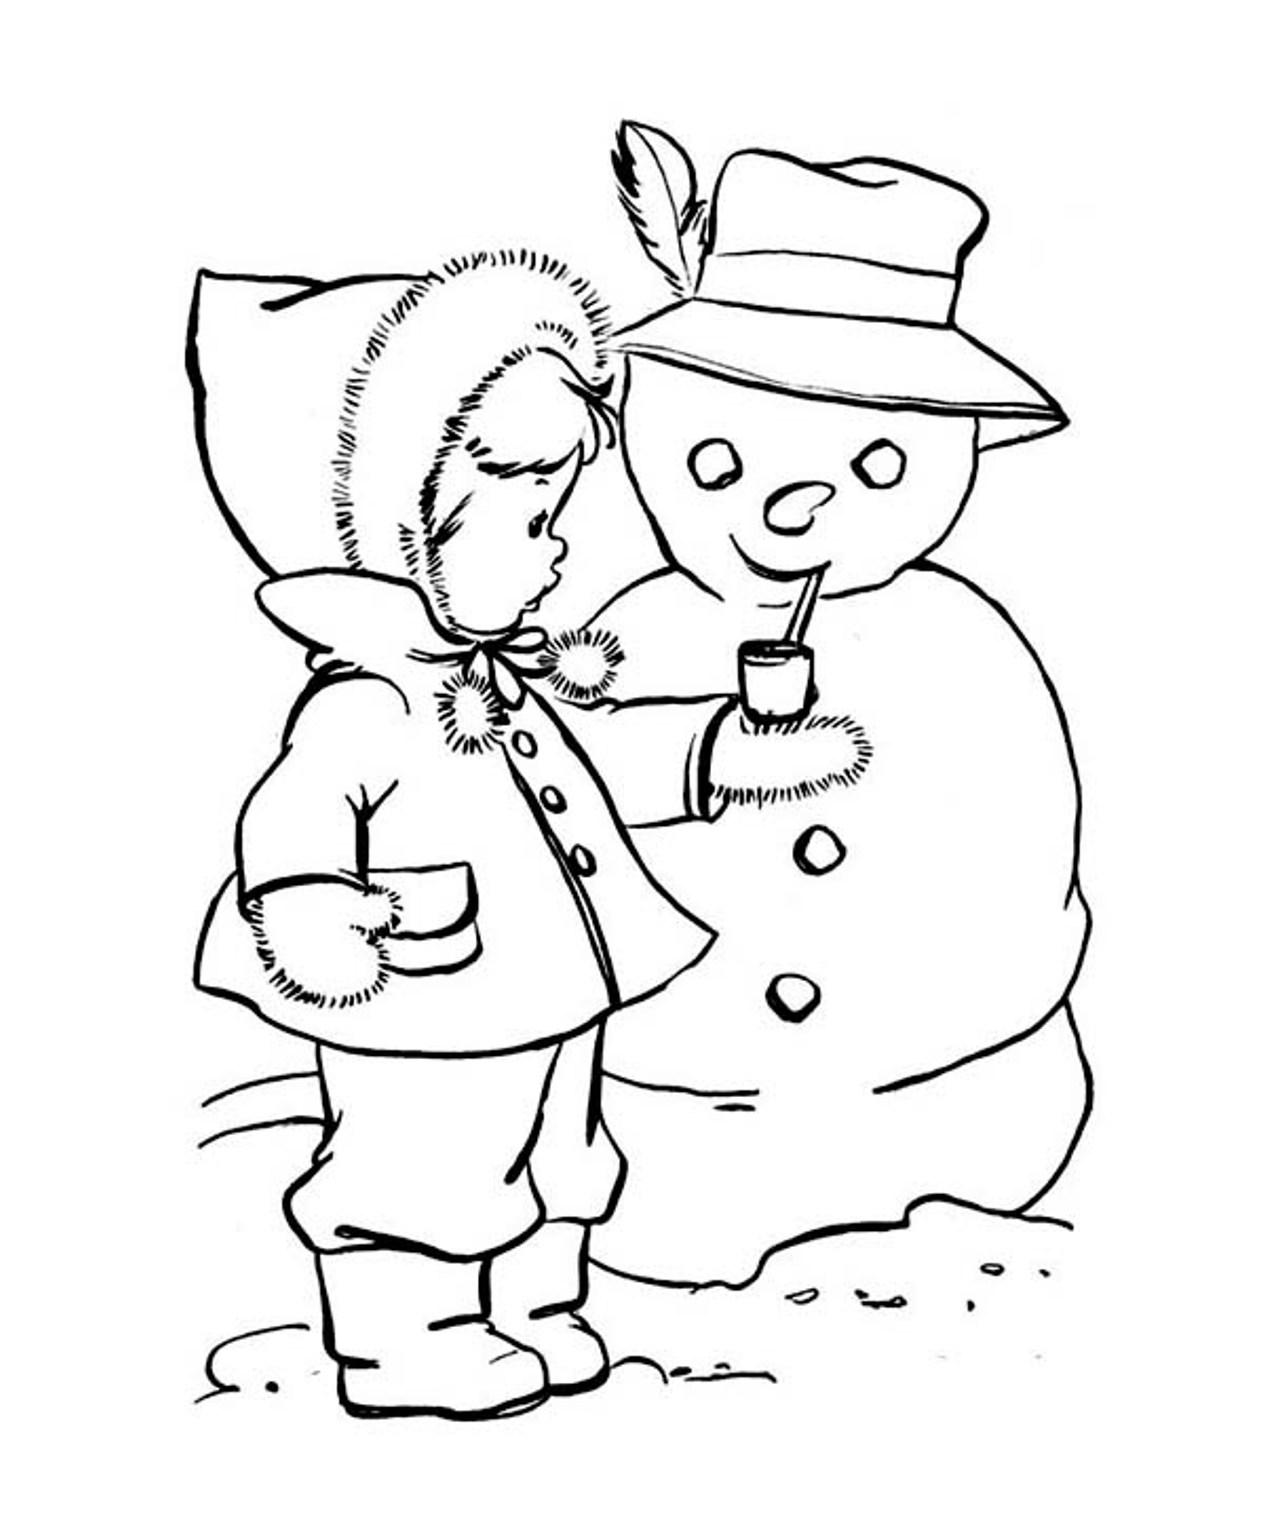 Desenho De Boneco De Neve Fumando Cachimbo Para Colorir